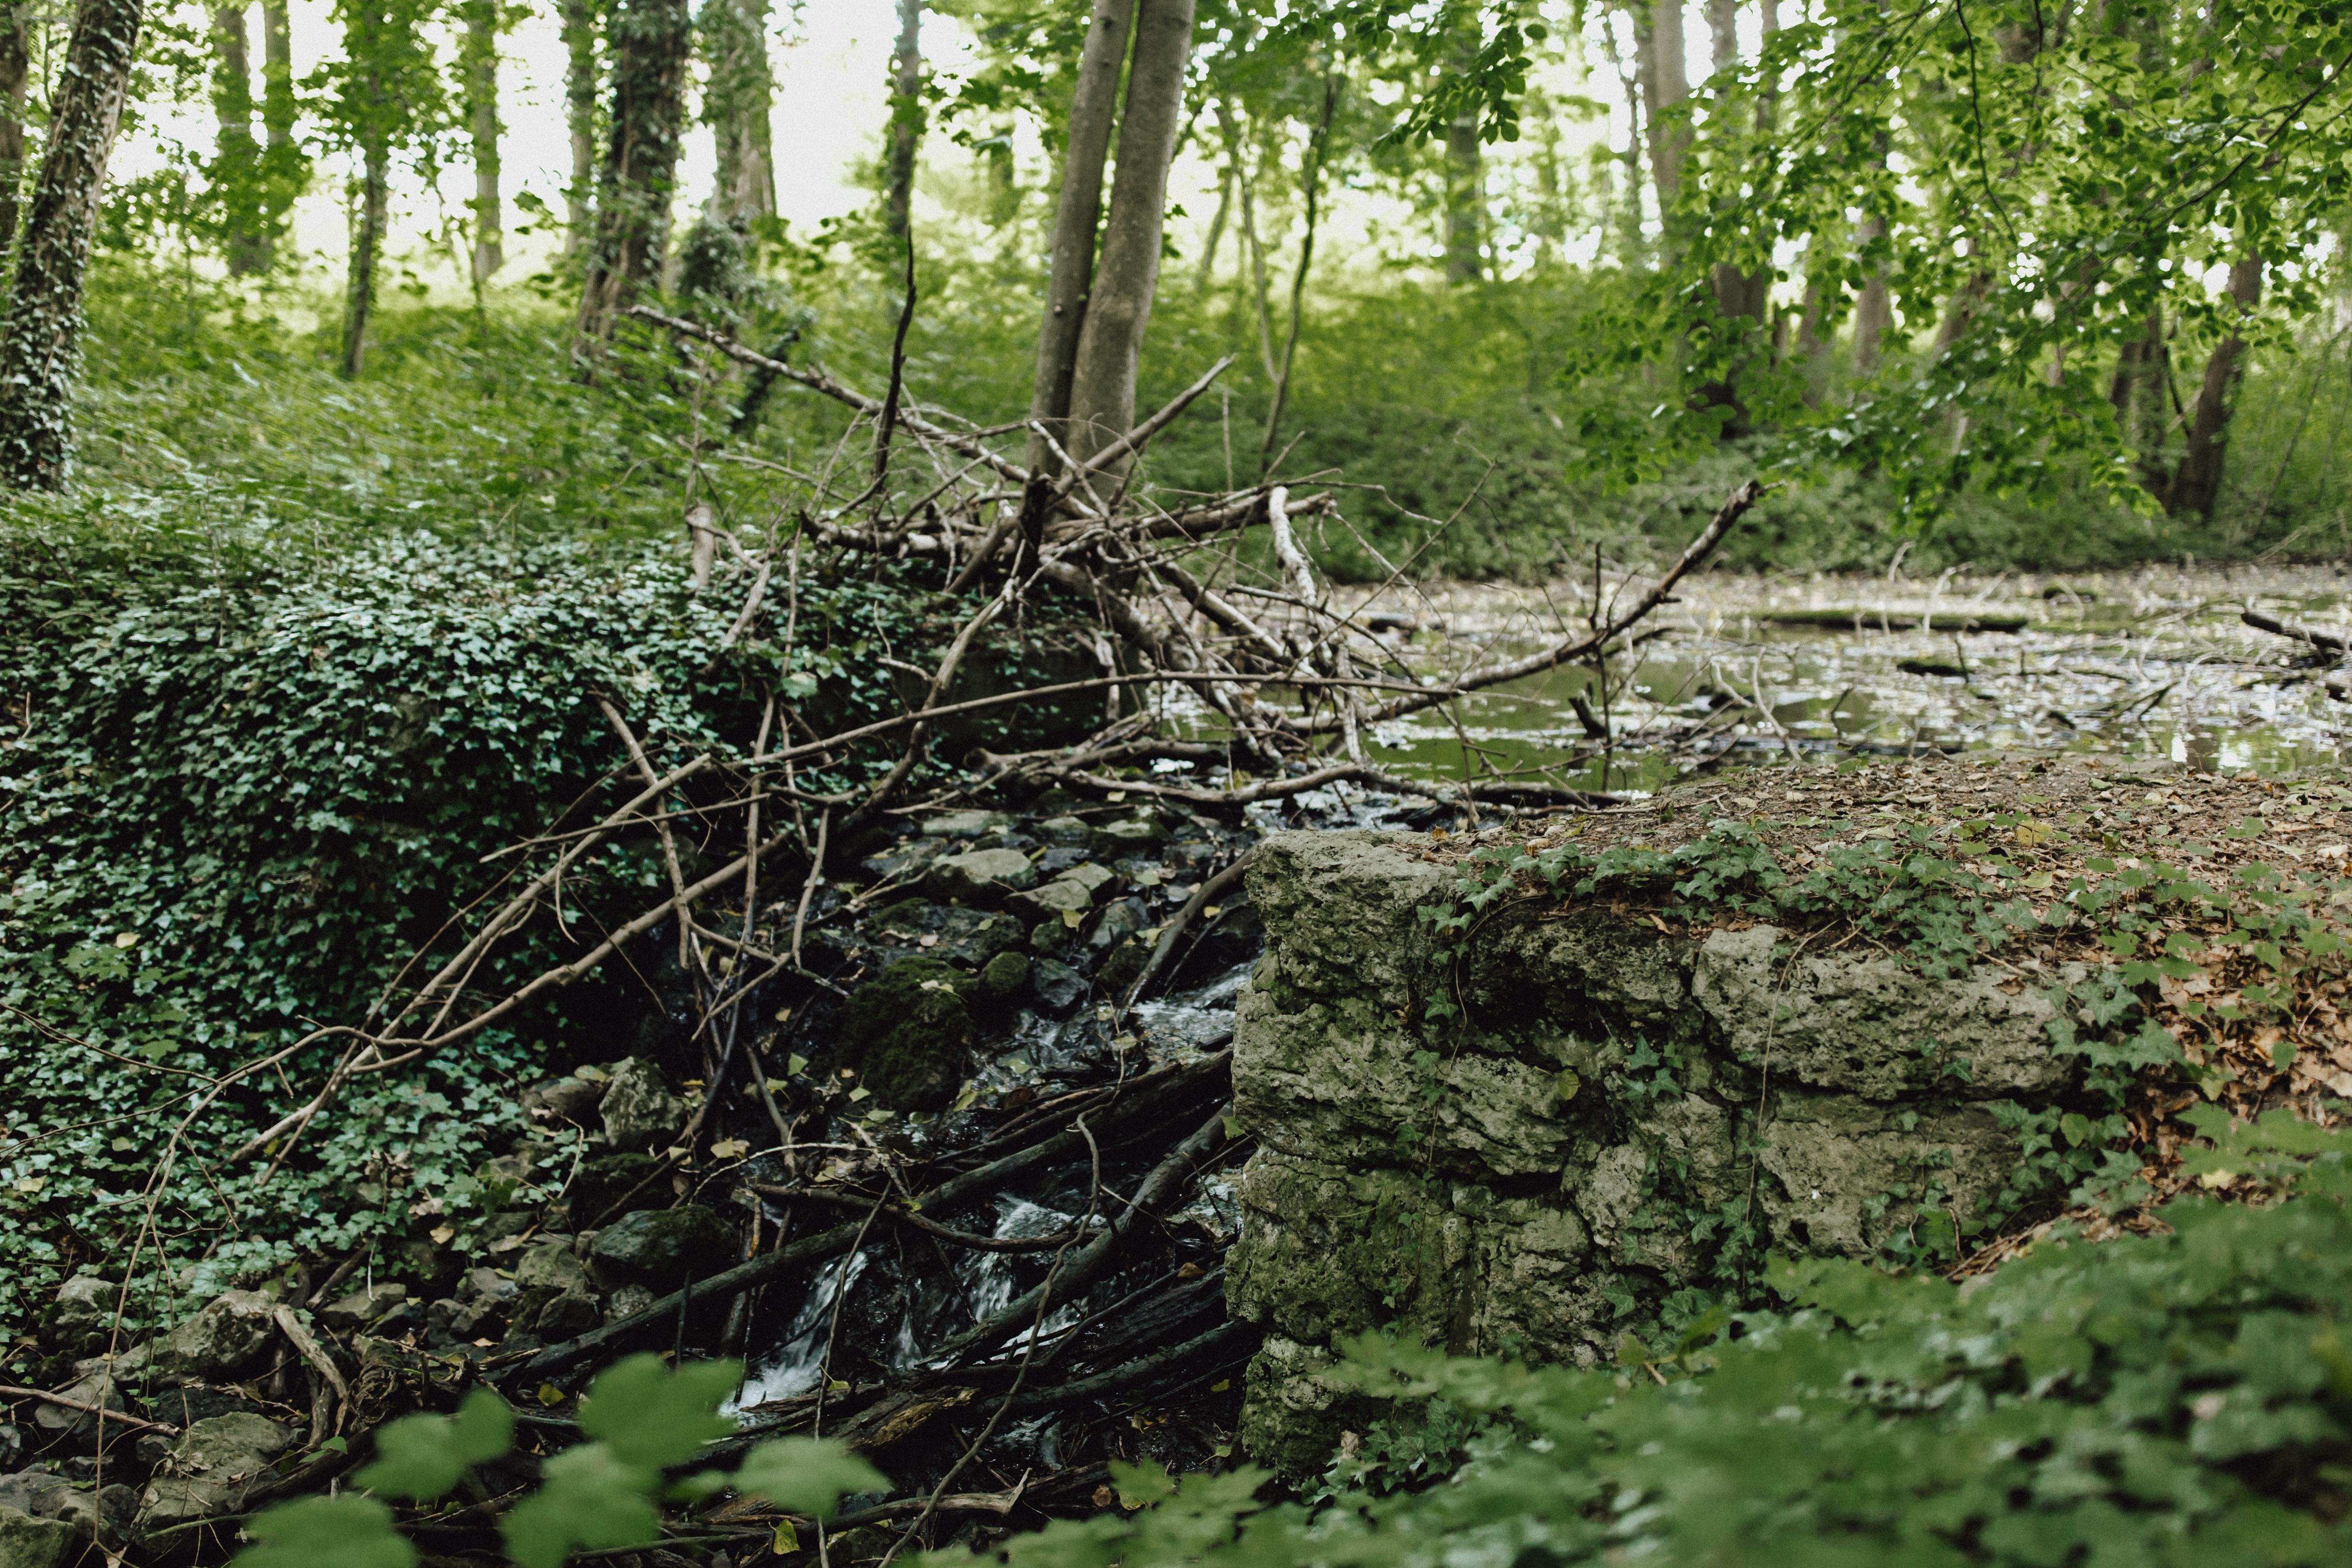 URBANERIE_Daniela_Goth_Fotografin_Nürnberg_Fürth_Erlangen_Schwabach_170906_001_0012